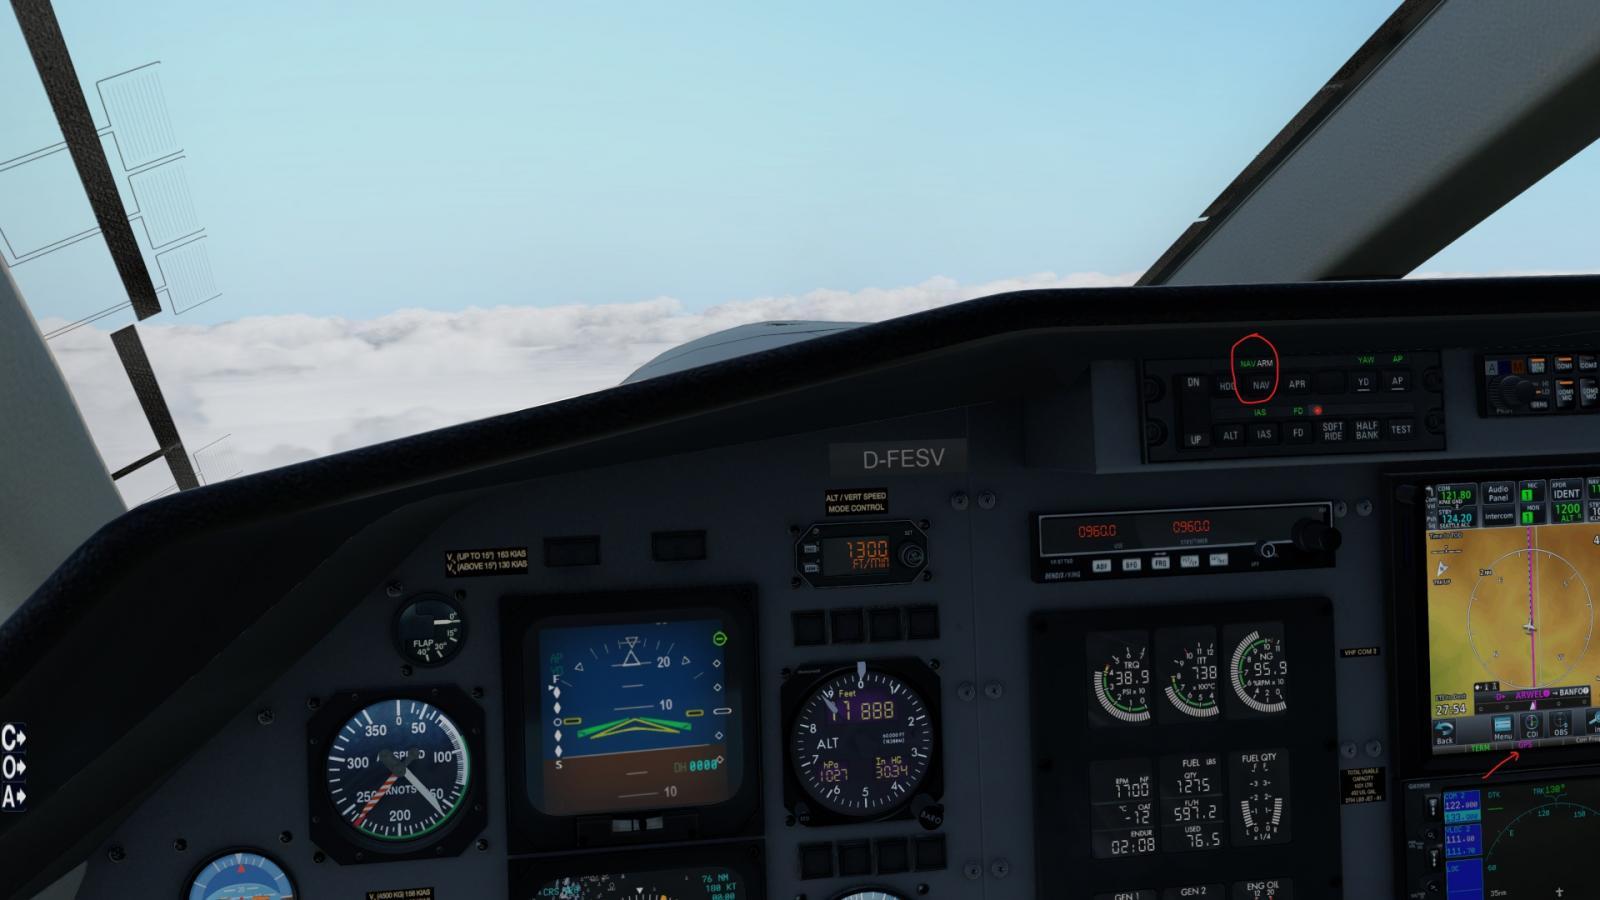 PC-12 XP11 LPV Approach with GTN 750 - Carenado - Alabeo